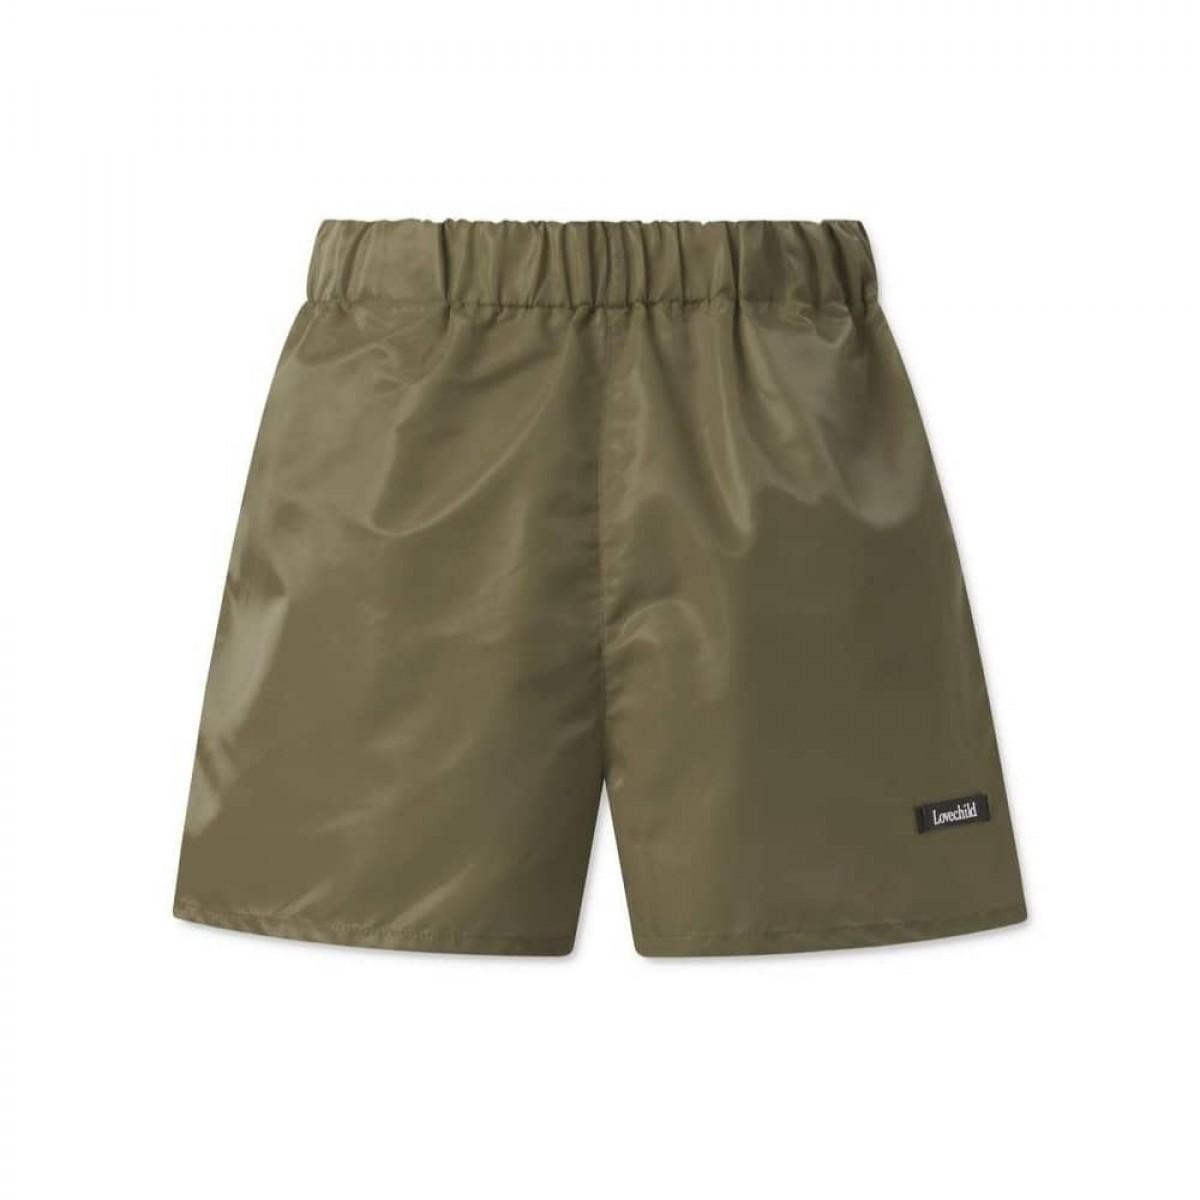 alessio shorts - army